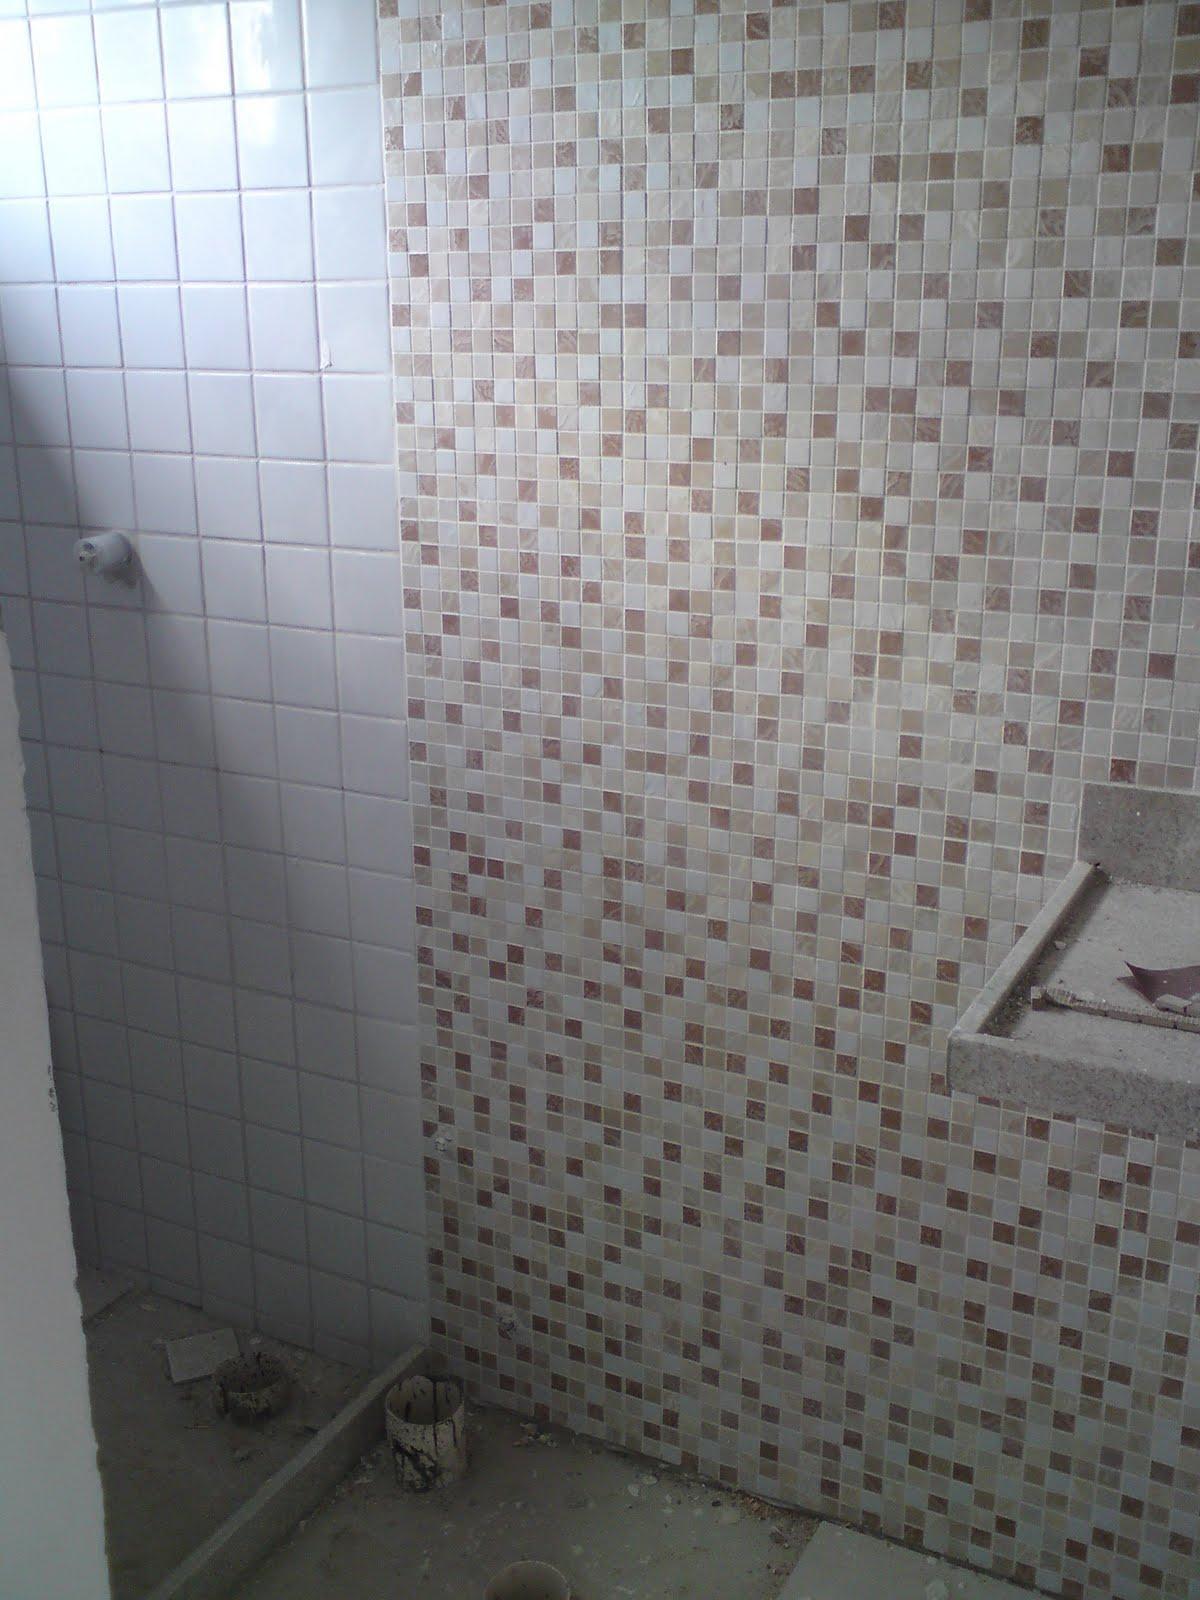 PROJETOS Pastilhas e cerâmicas que imitam pastilhas -> Banheiro Com Azulejo Imitando Pastilha